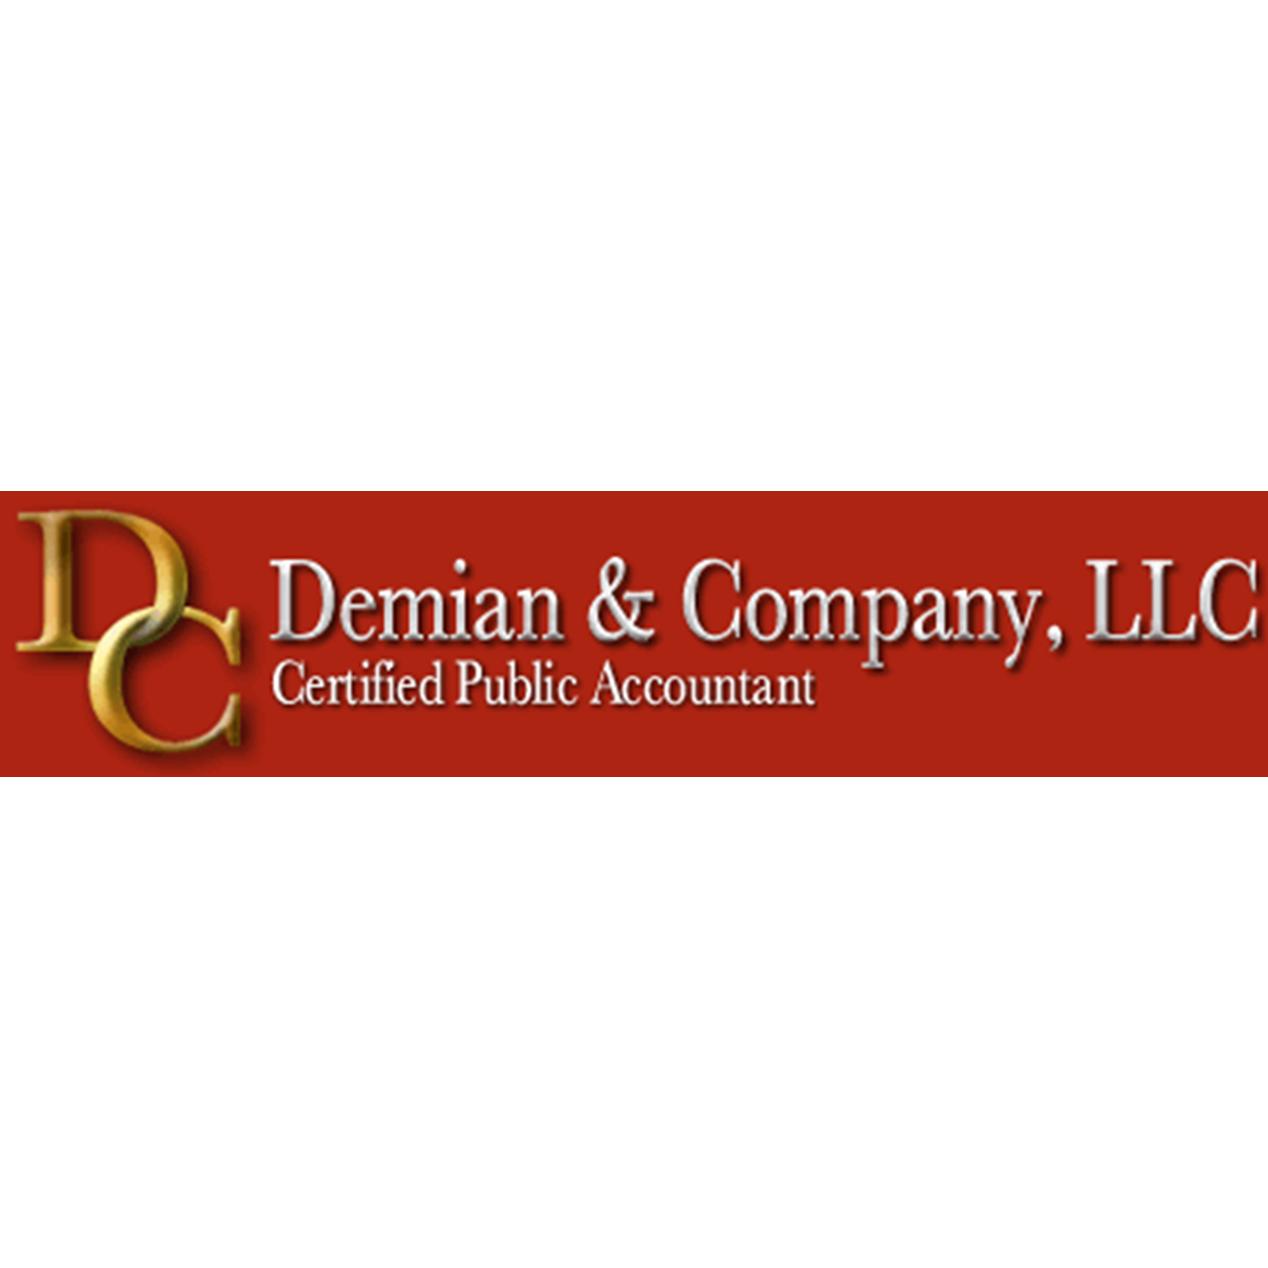 Demian & Company, LLC